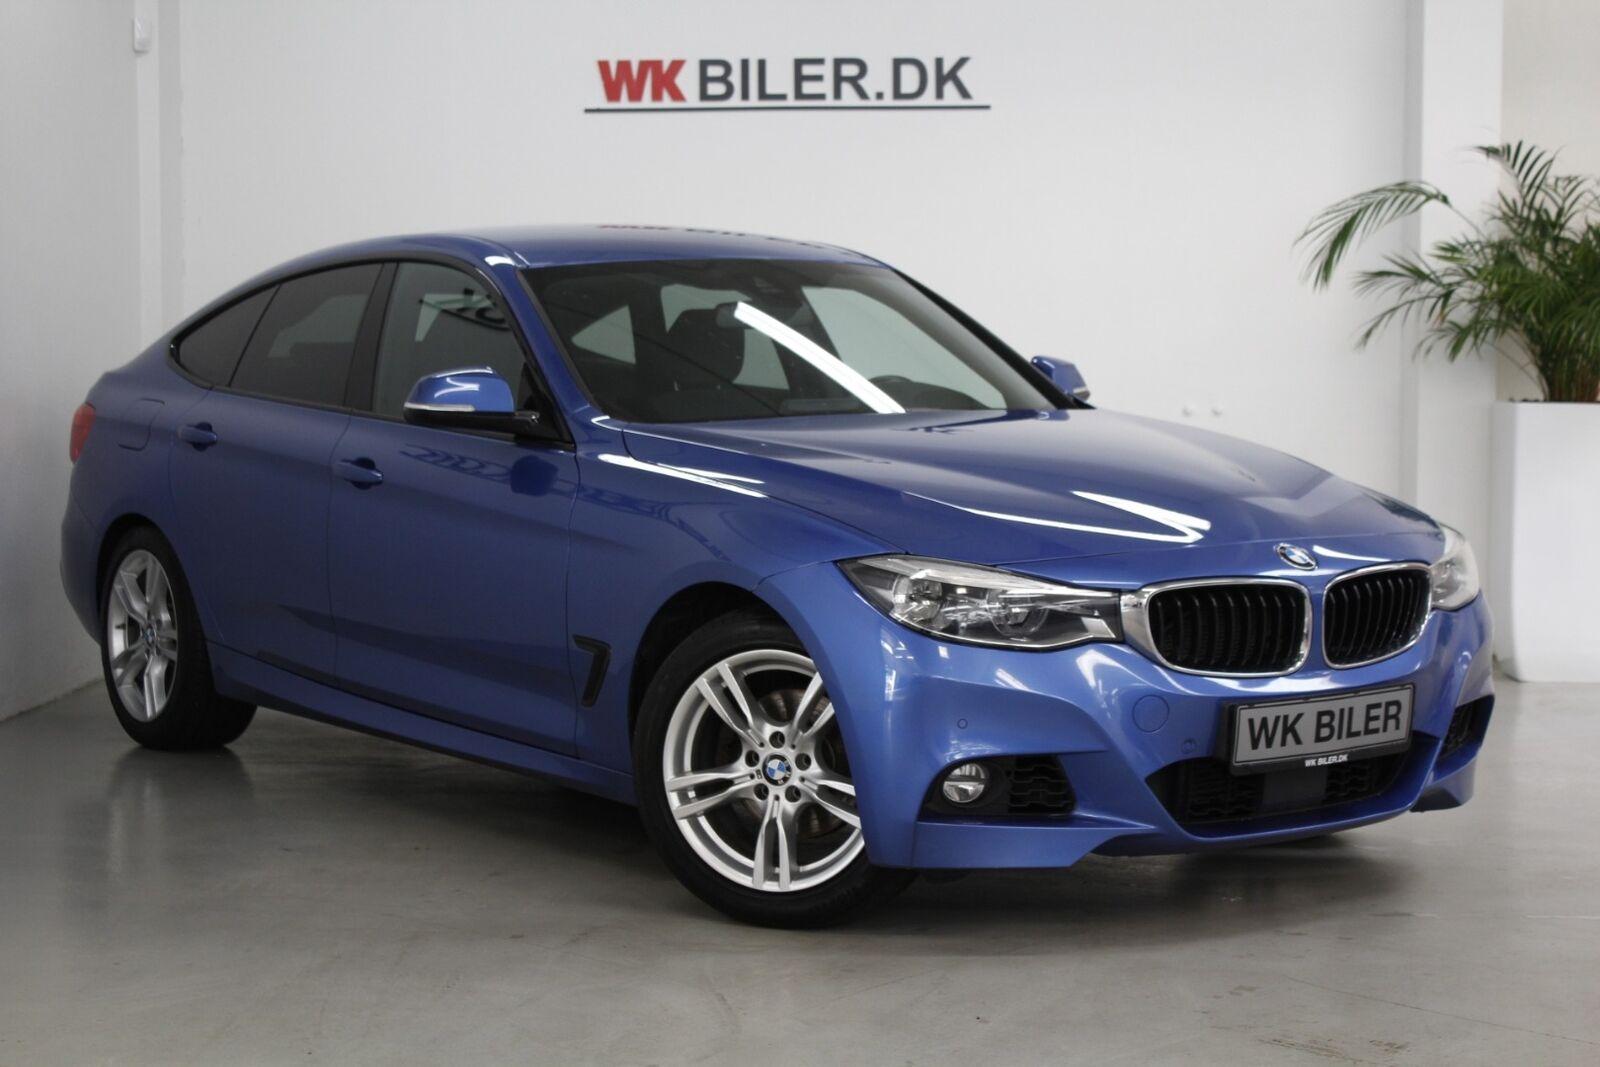 BMW 320d 2,0 Gran Turismo M-Sport aut. 5d - 1.995 kr.